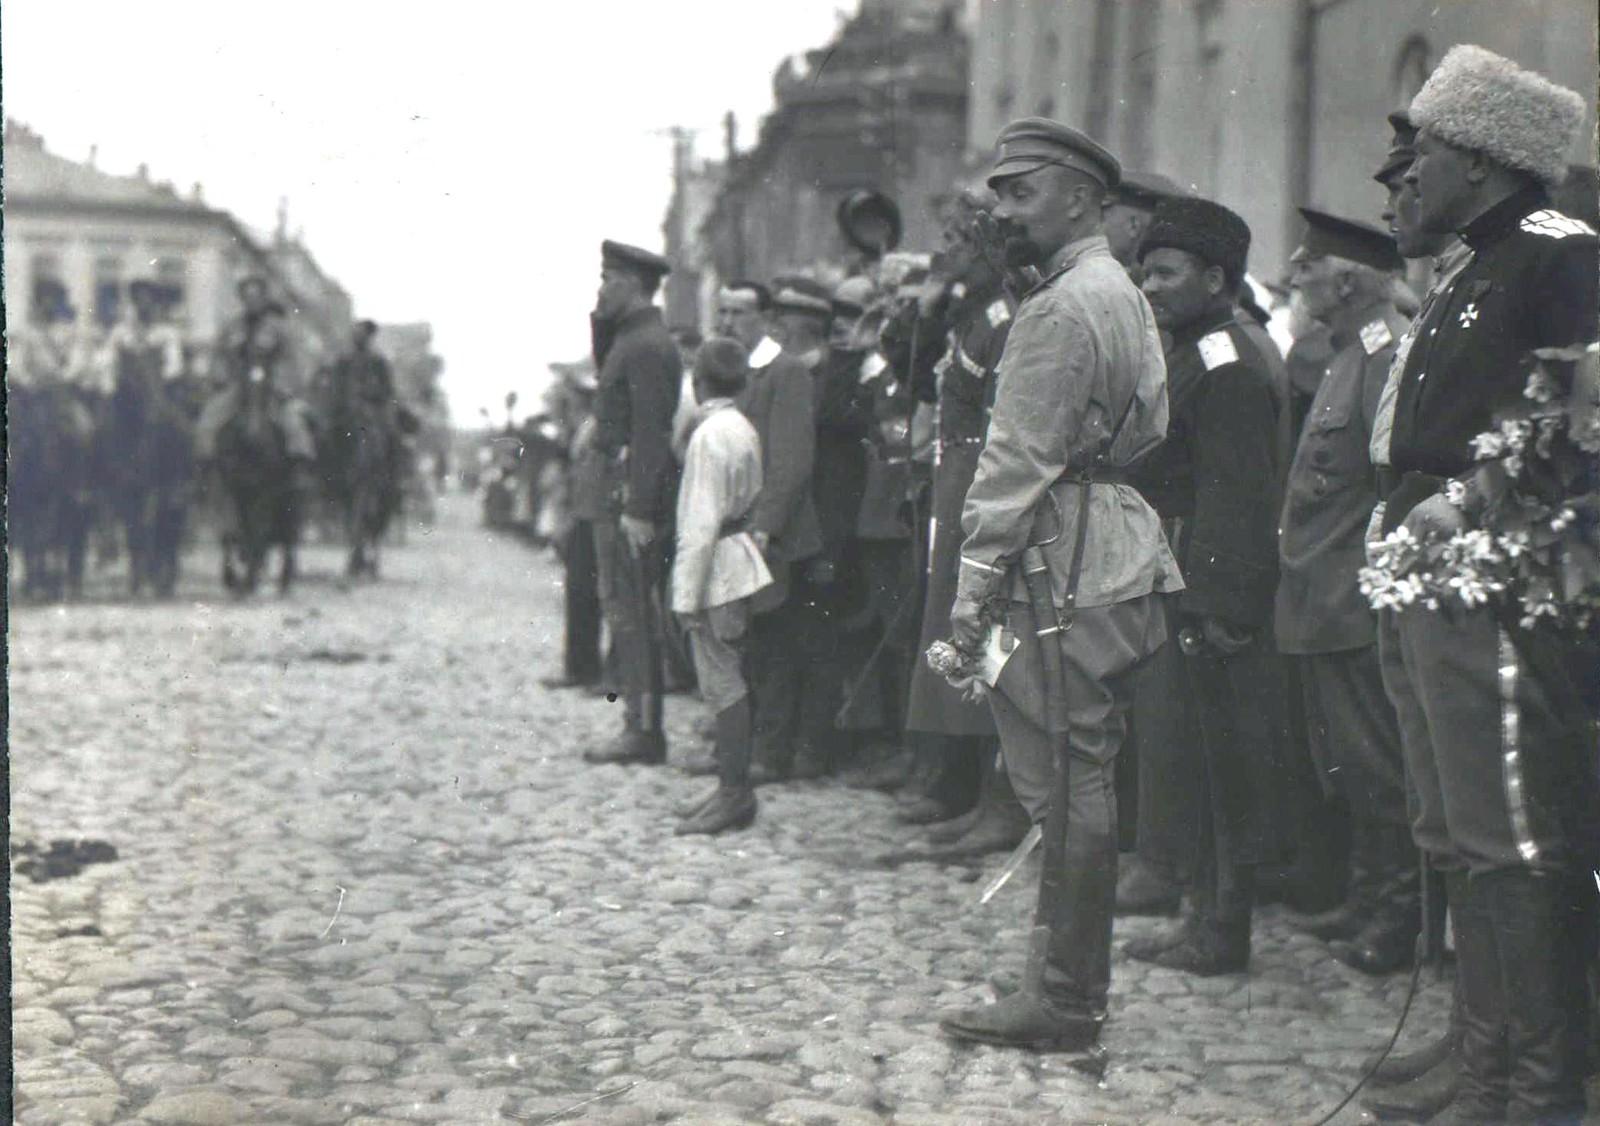 155. 1919. Чествование генерала Кутепова в Харькове